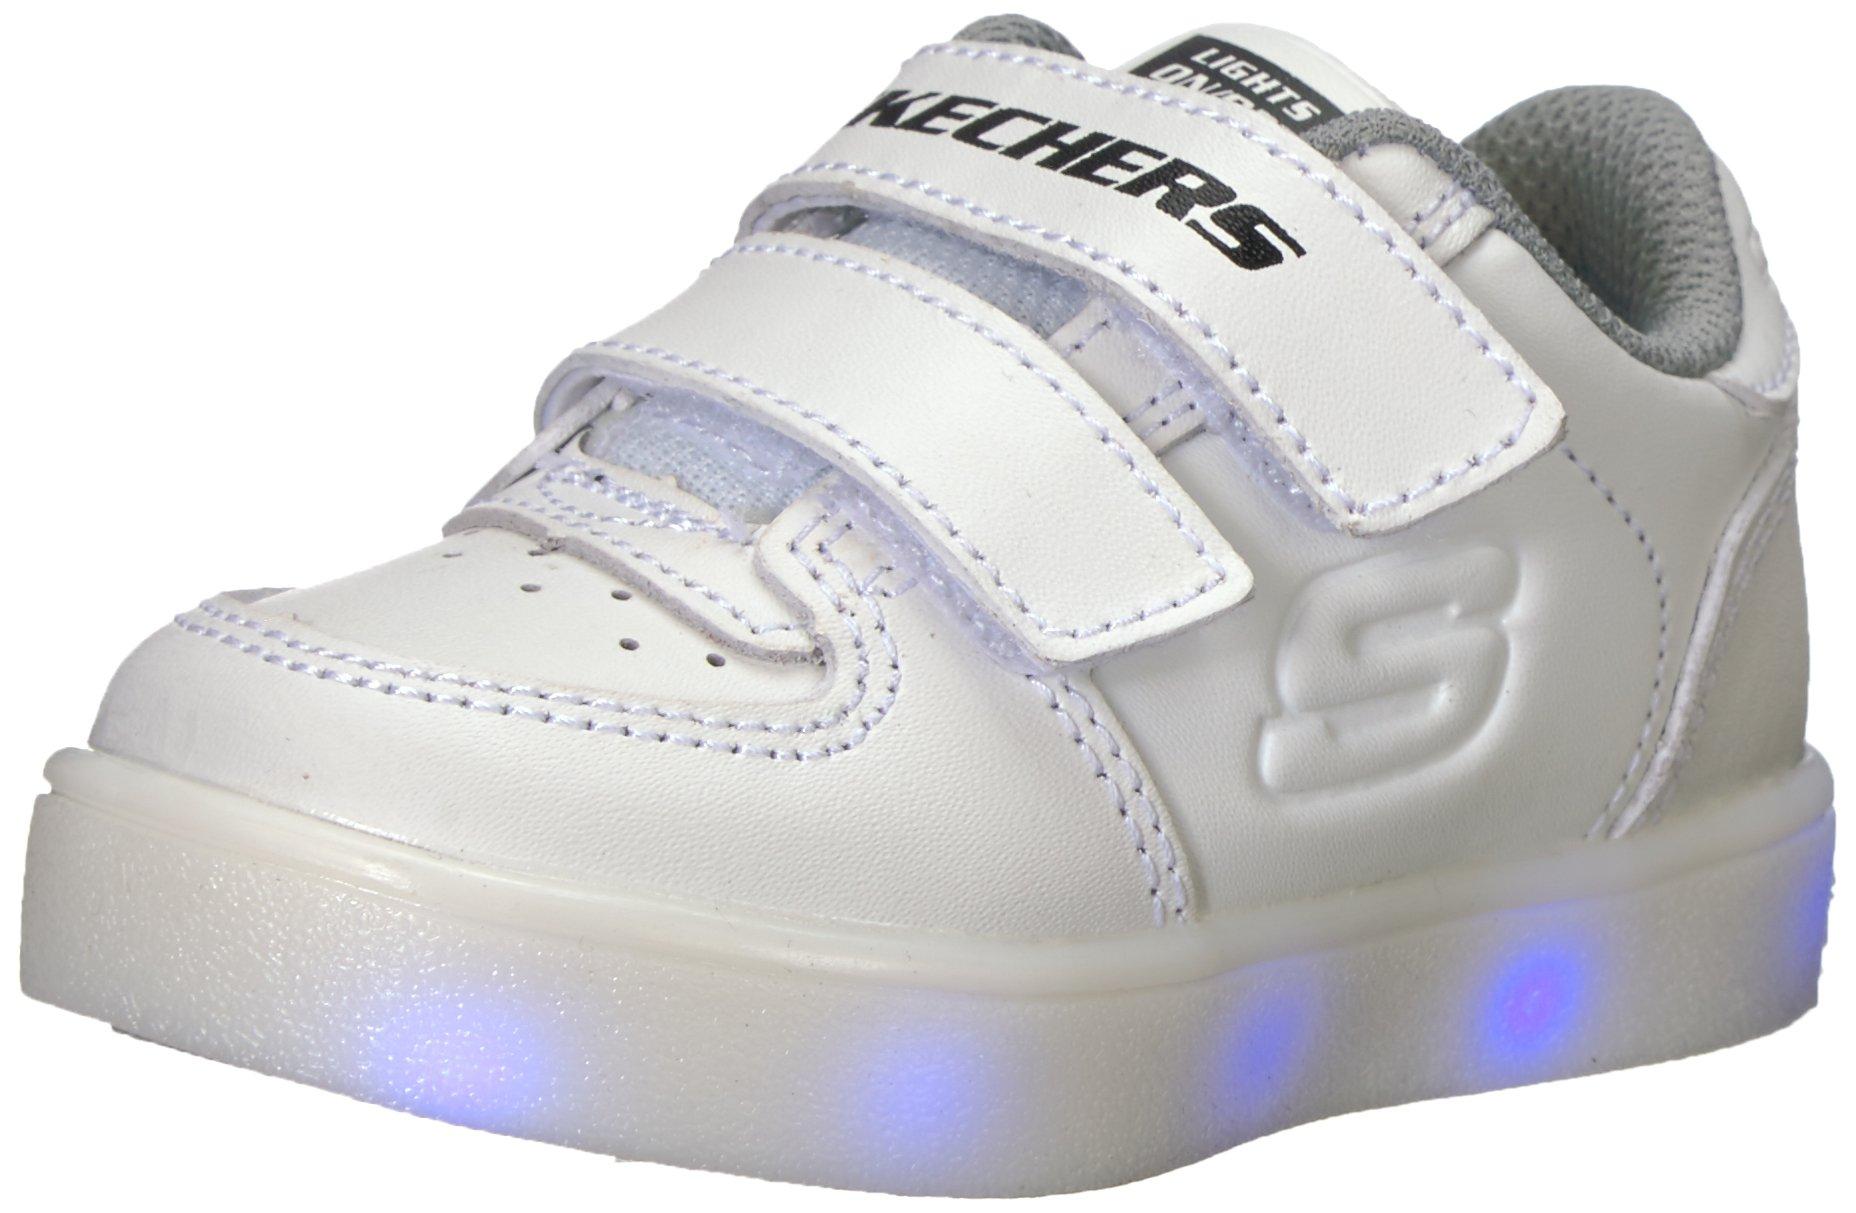 0424af8129d00 Skechers Kids' Energy Lights-90631n Sneaker White Toddler Size 6 ...